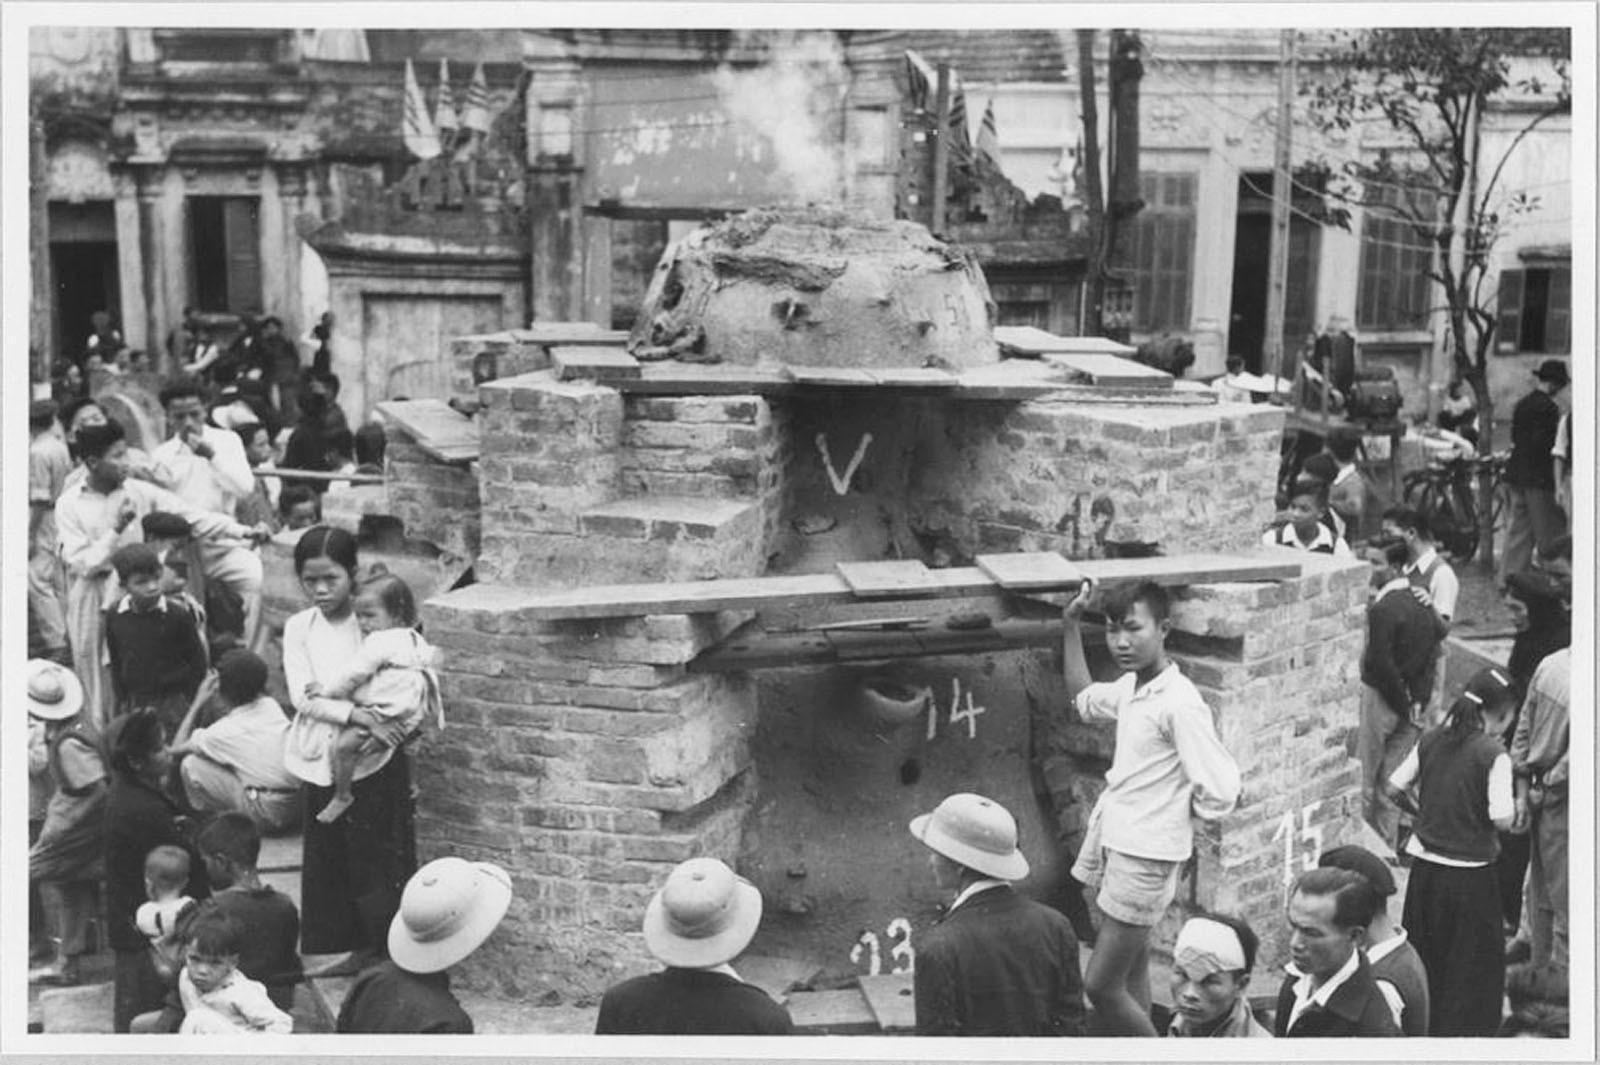 Chùm ảnh: Cảnh đúc tượng Phật khổng lồ ở Hà Nội 70 năm trước